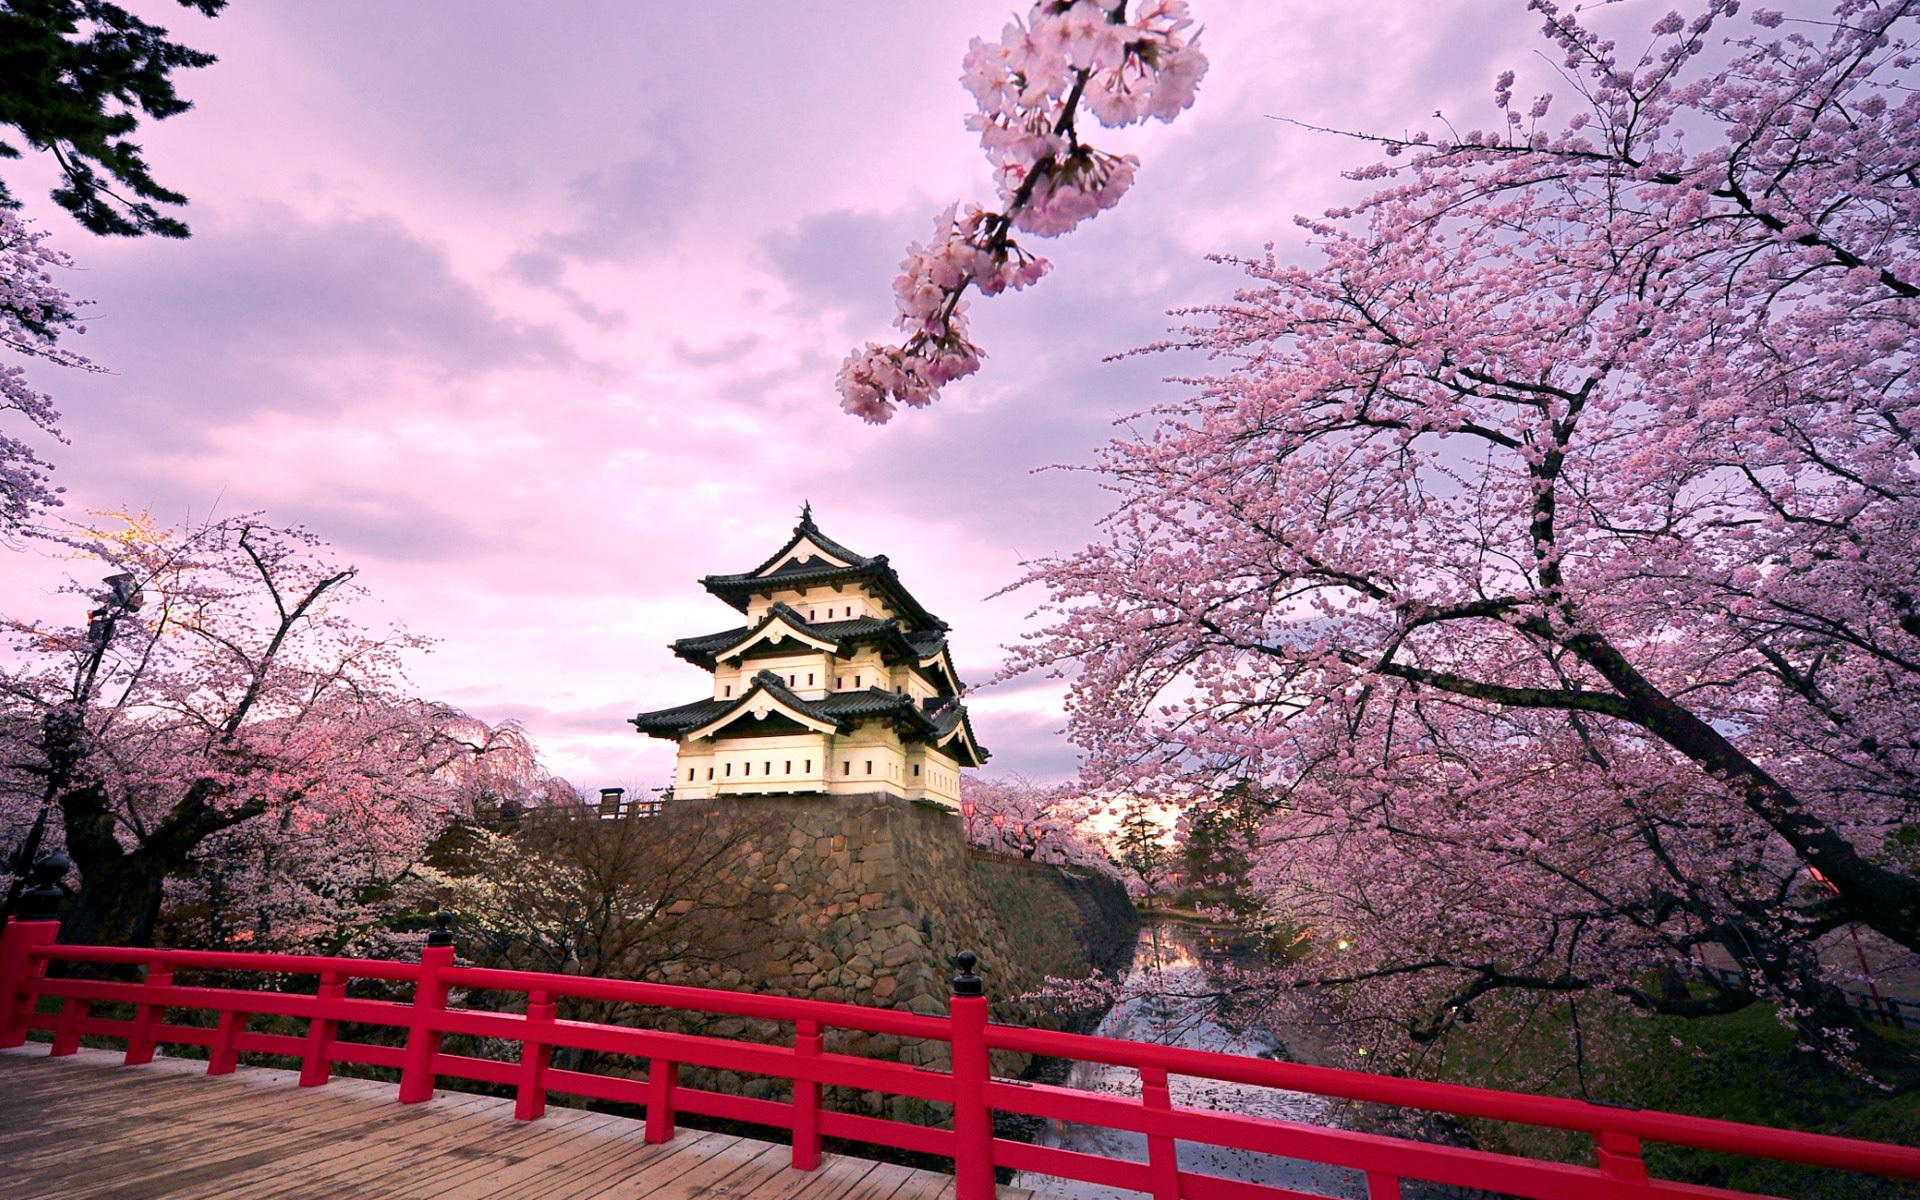 ТОП–12 самых интересных фактов о Японии. Чем же так удивительна страна восходящего солнца?